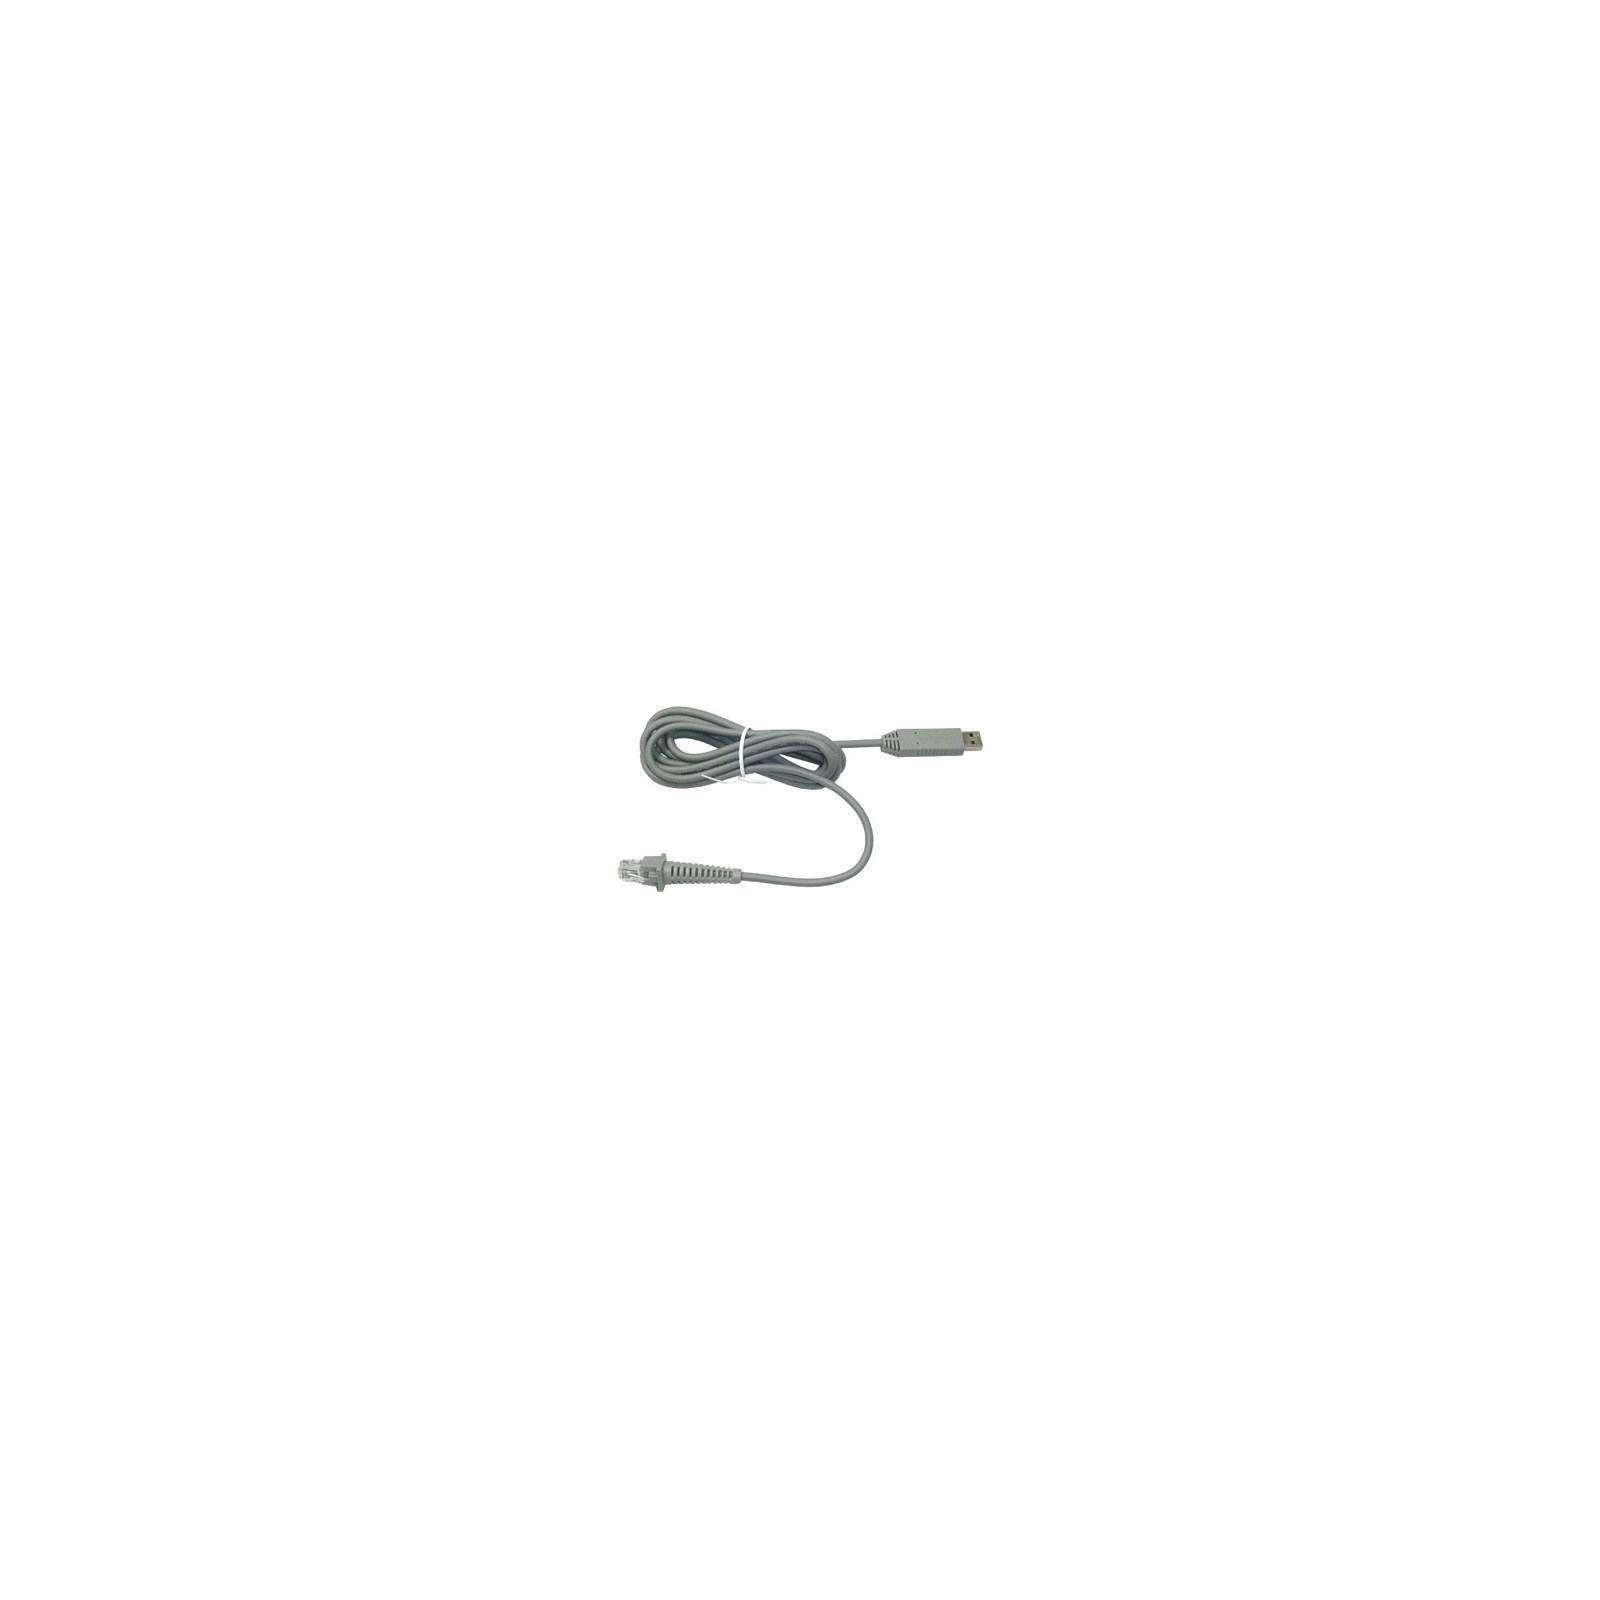 Интерфейсный кабель Honeywell MS-9540 (Кабель USB для сканера MS-9520/ MS-9540)